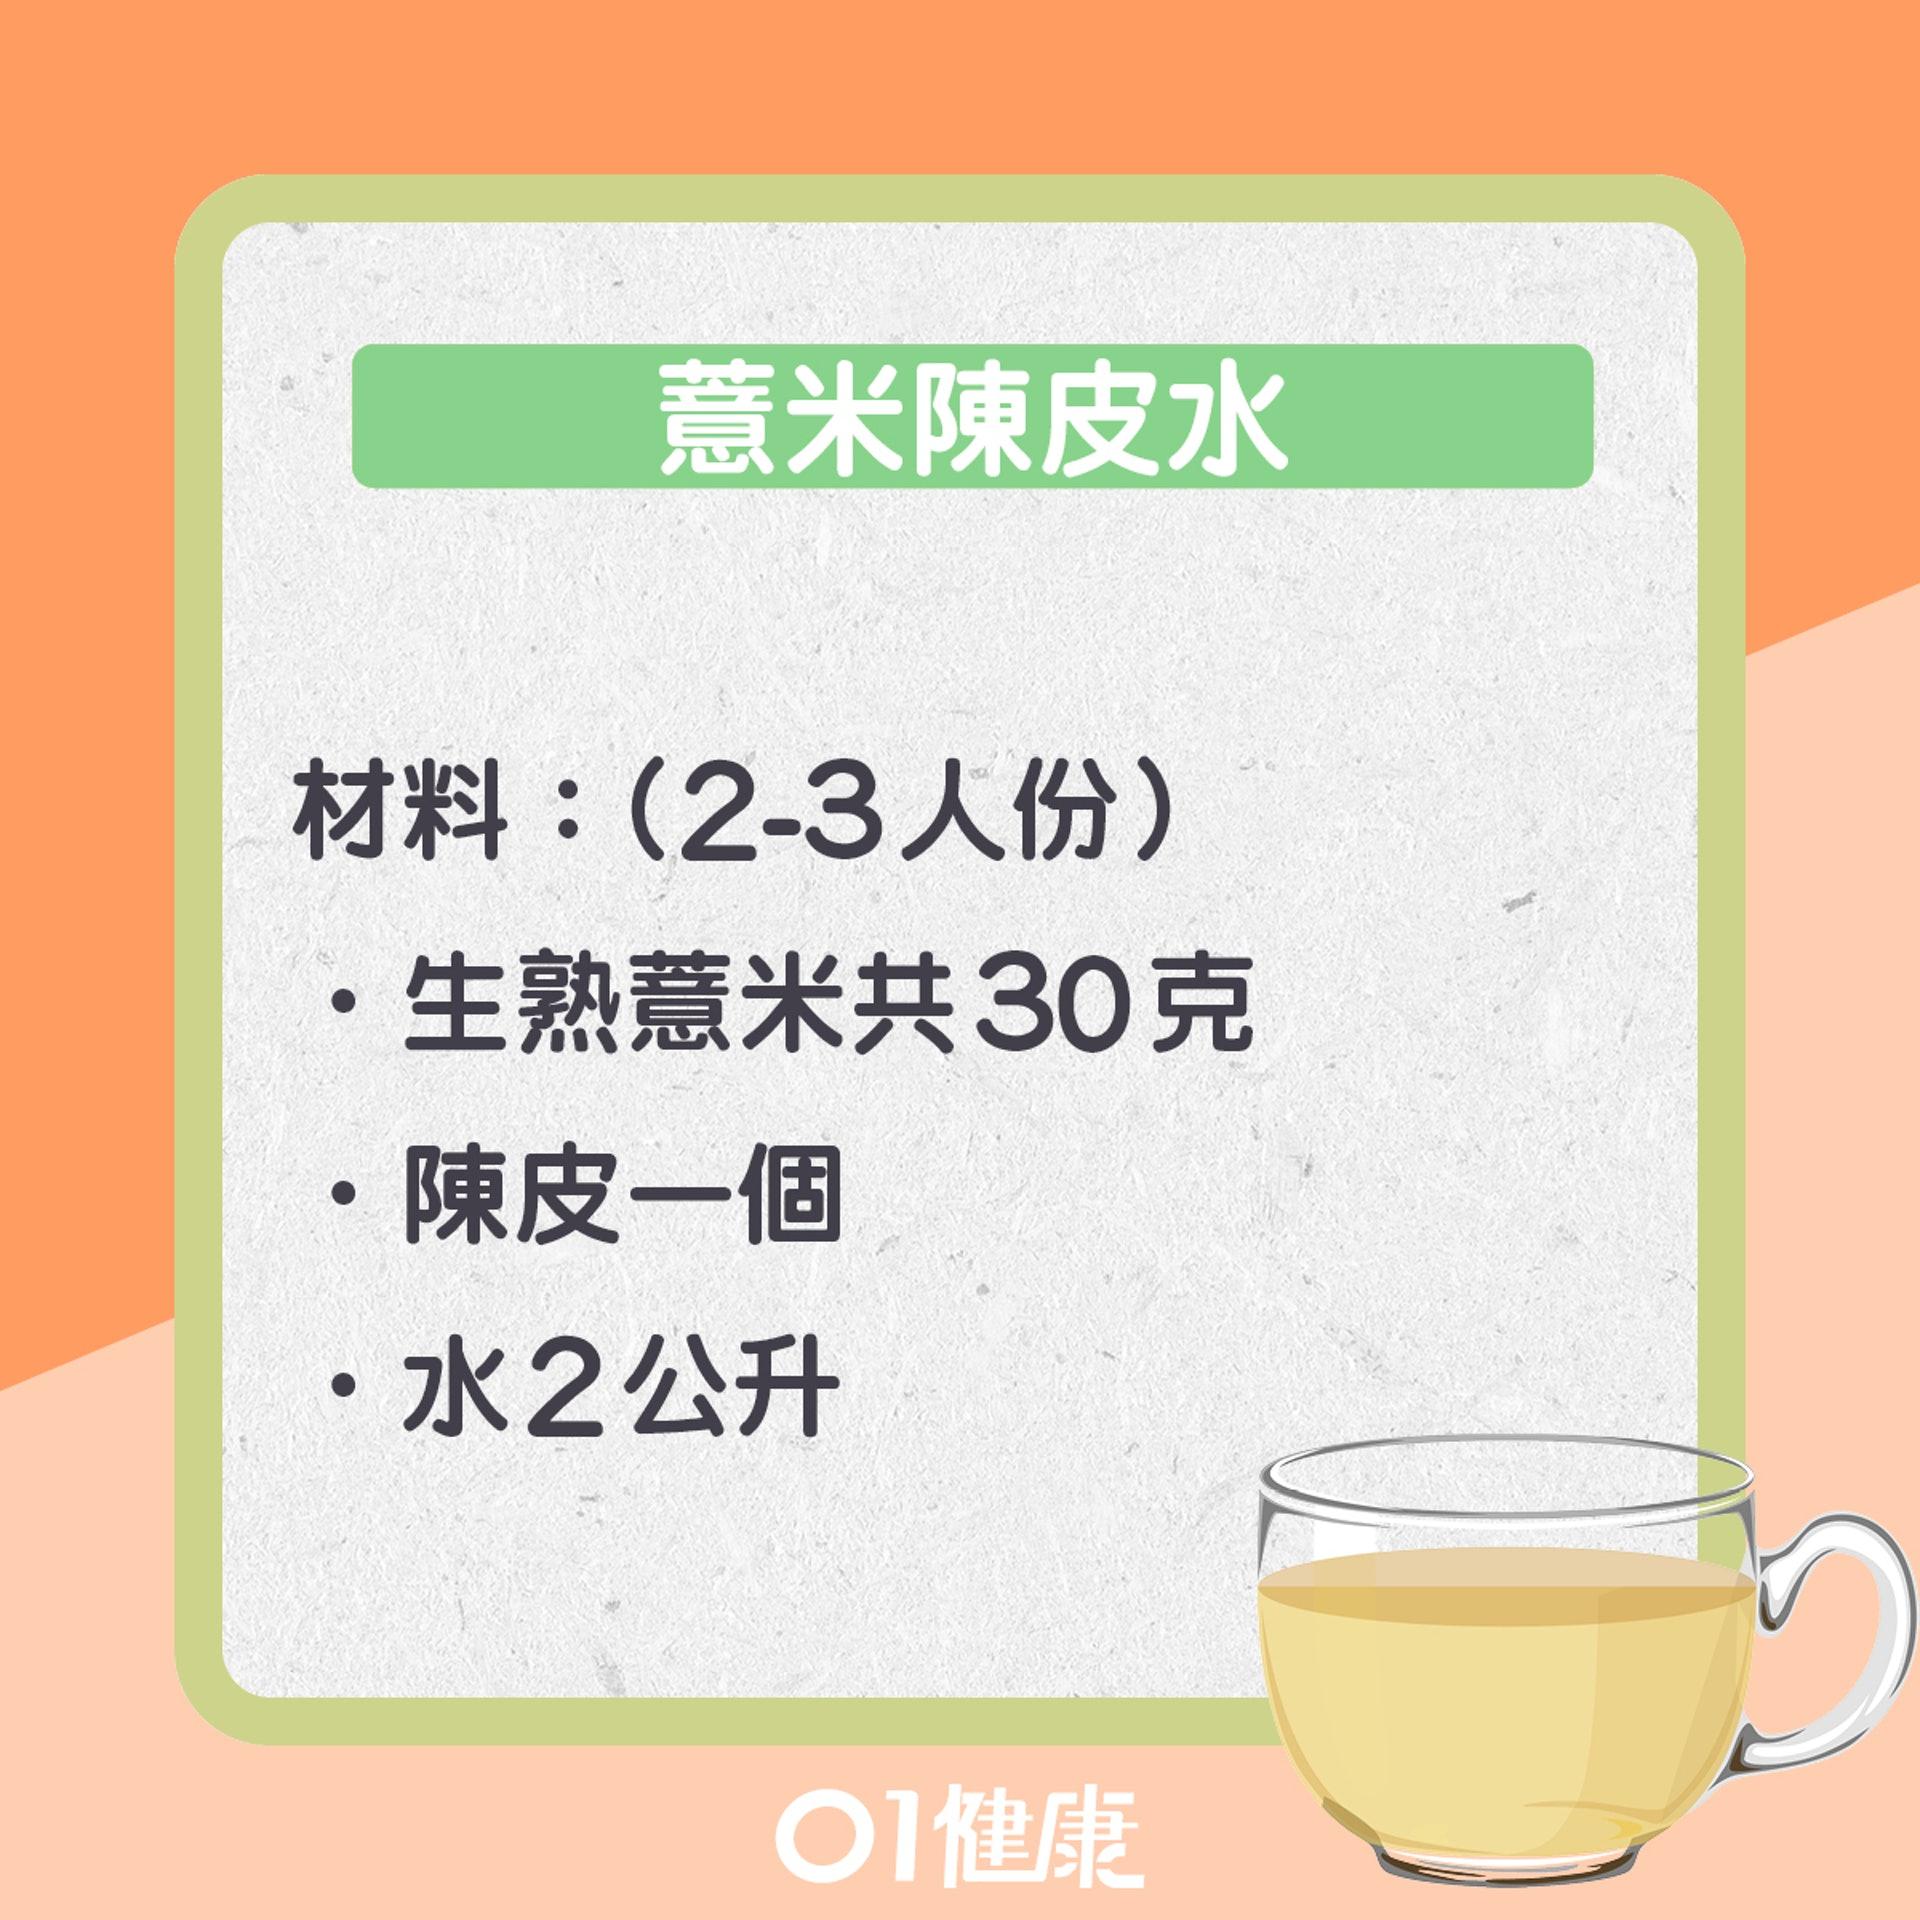 薏米陳皮水:理氣健脾袪濕(01製圖)